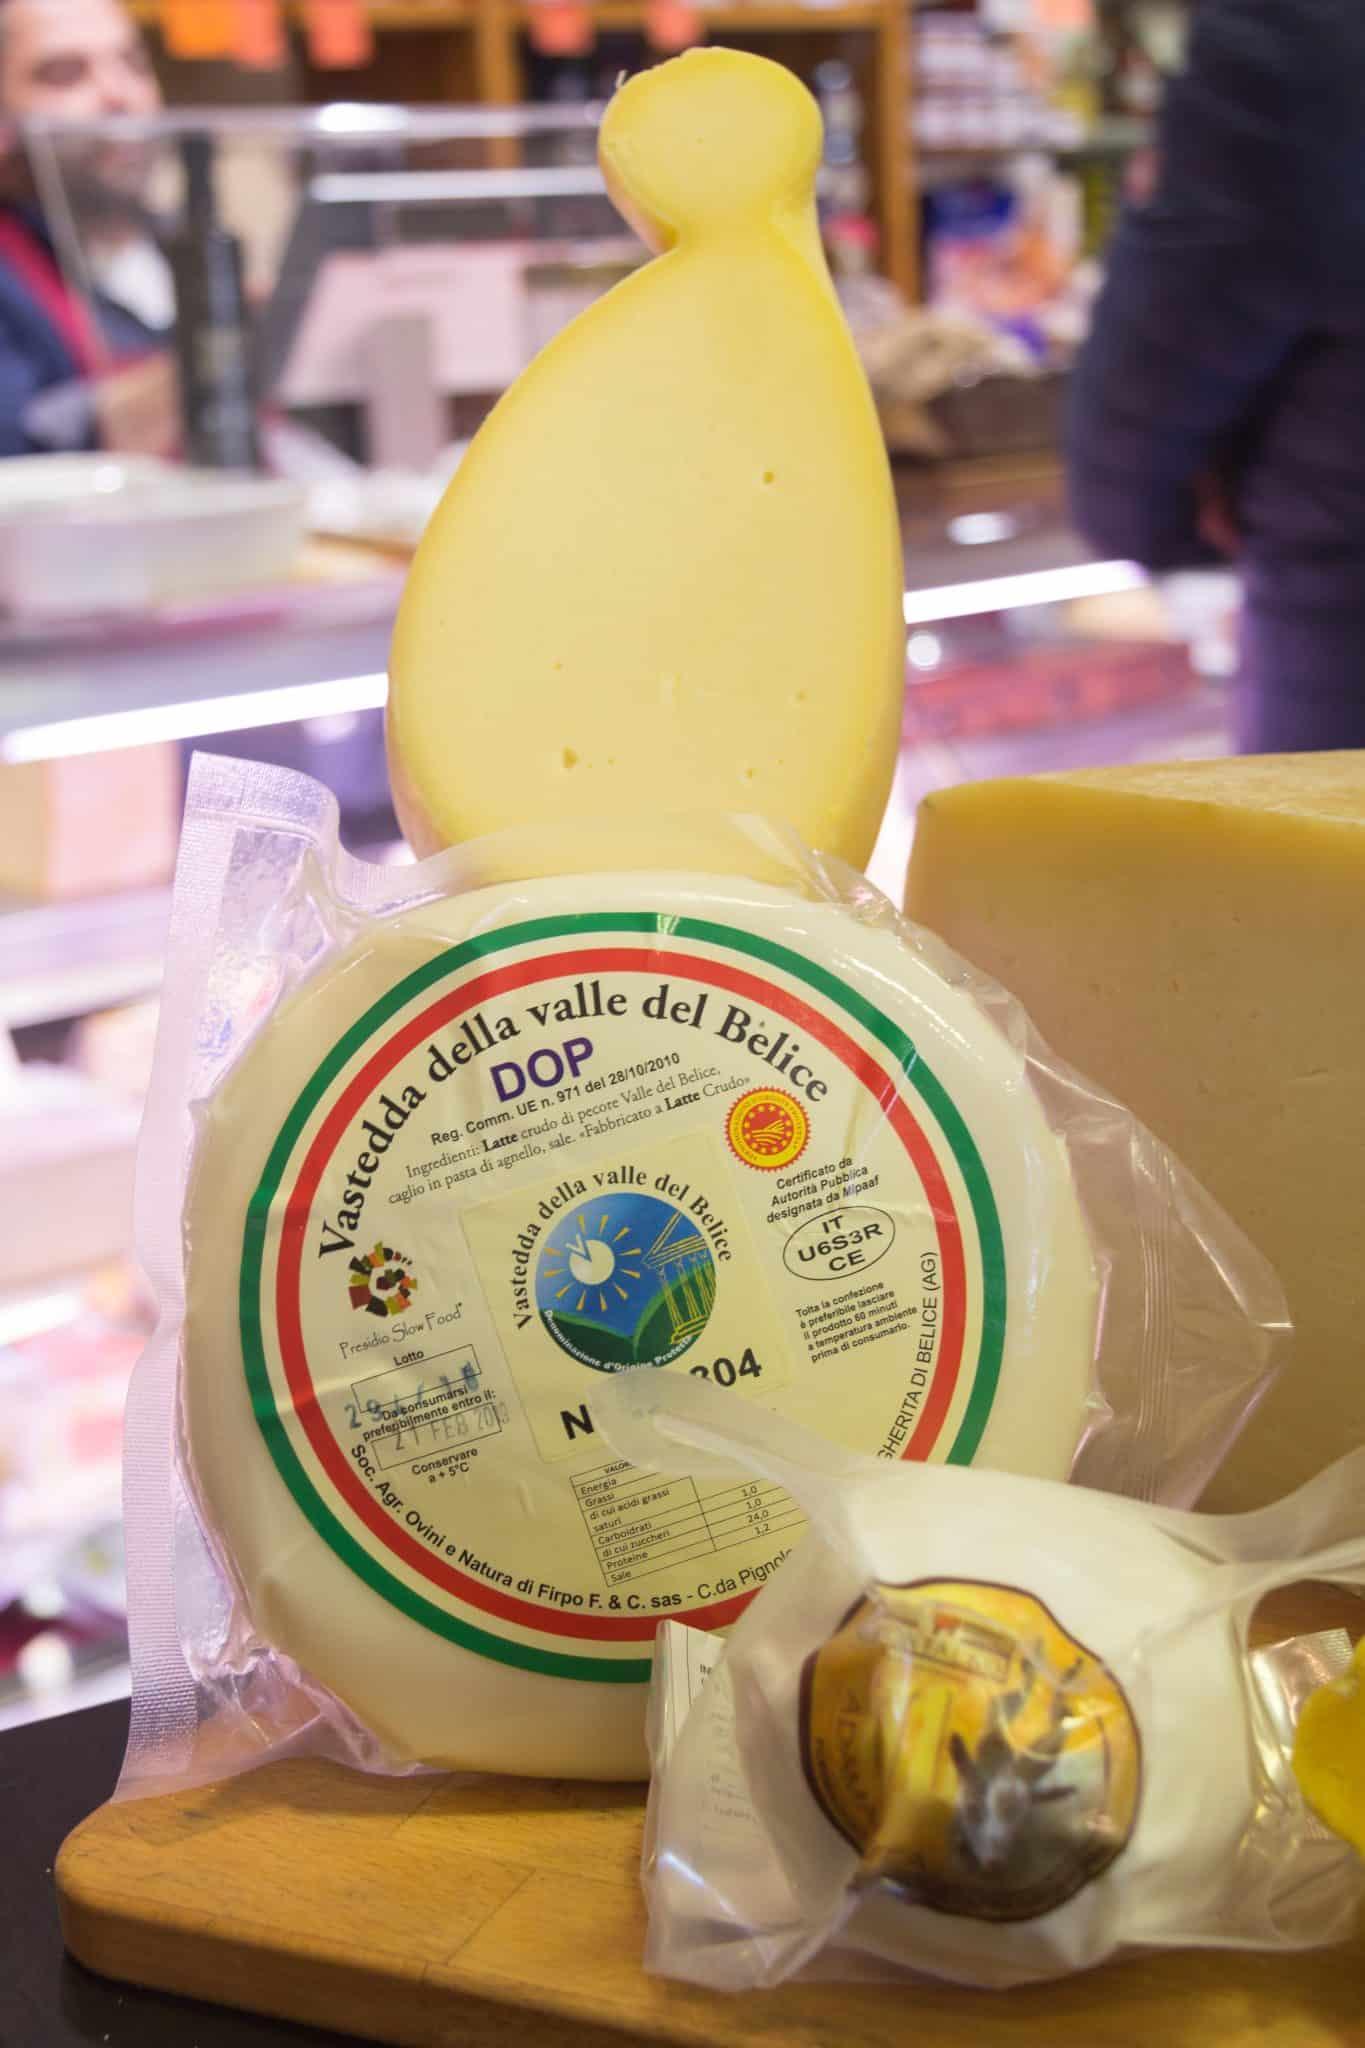 eccellenze enogastronomiche italiane: vastedda della valle del belice, formaggi di capra girgentana e provola dei nebrodi